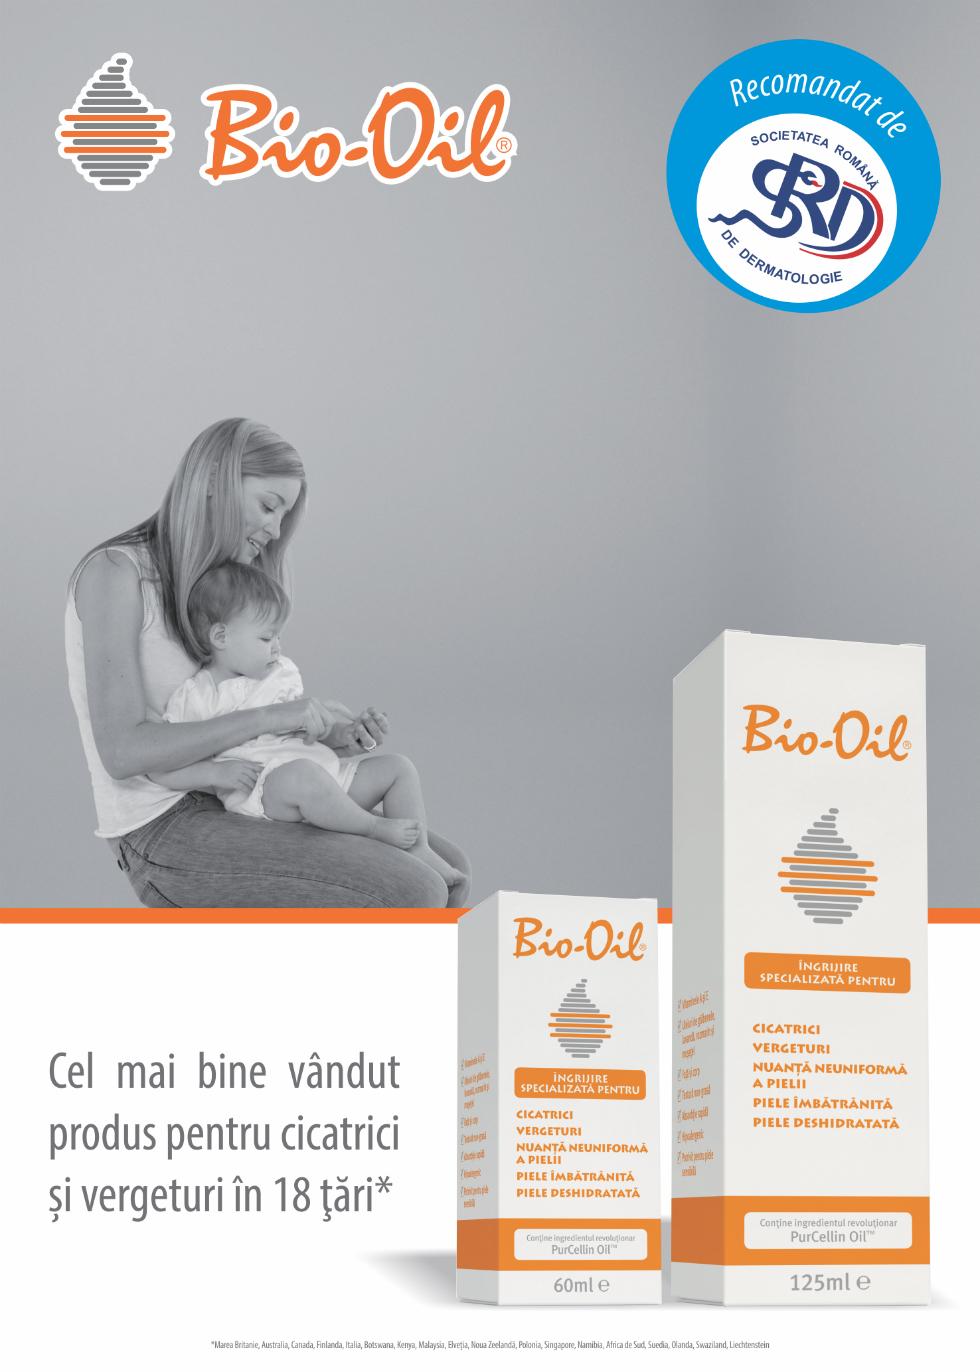 (P) Bio-Oil, arma ta secreta in lupta cu cicatricile si vergeturile